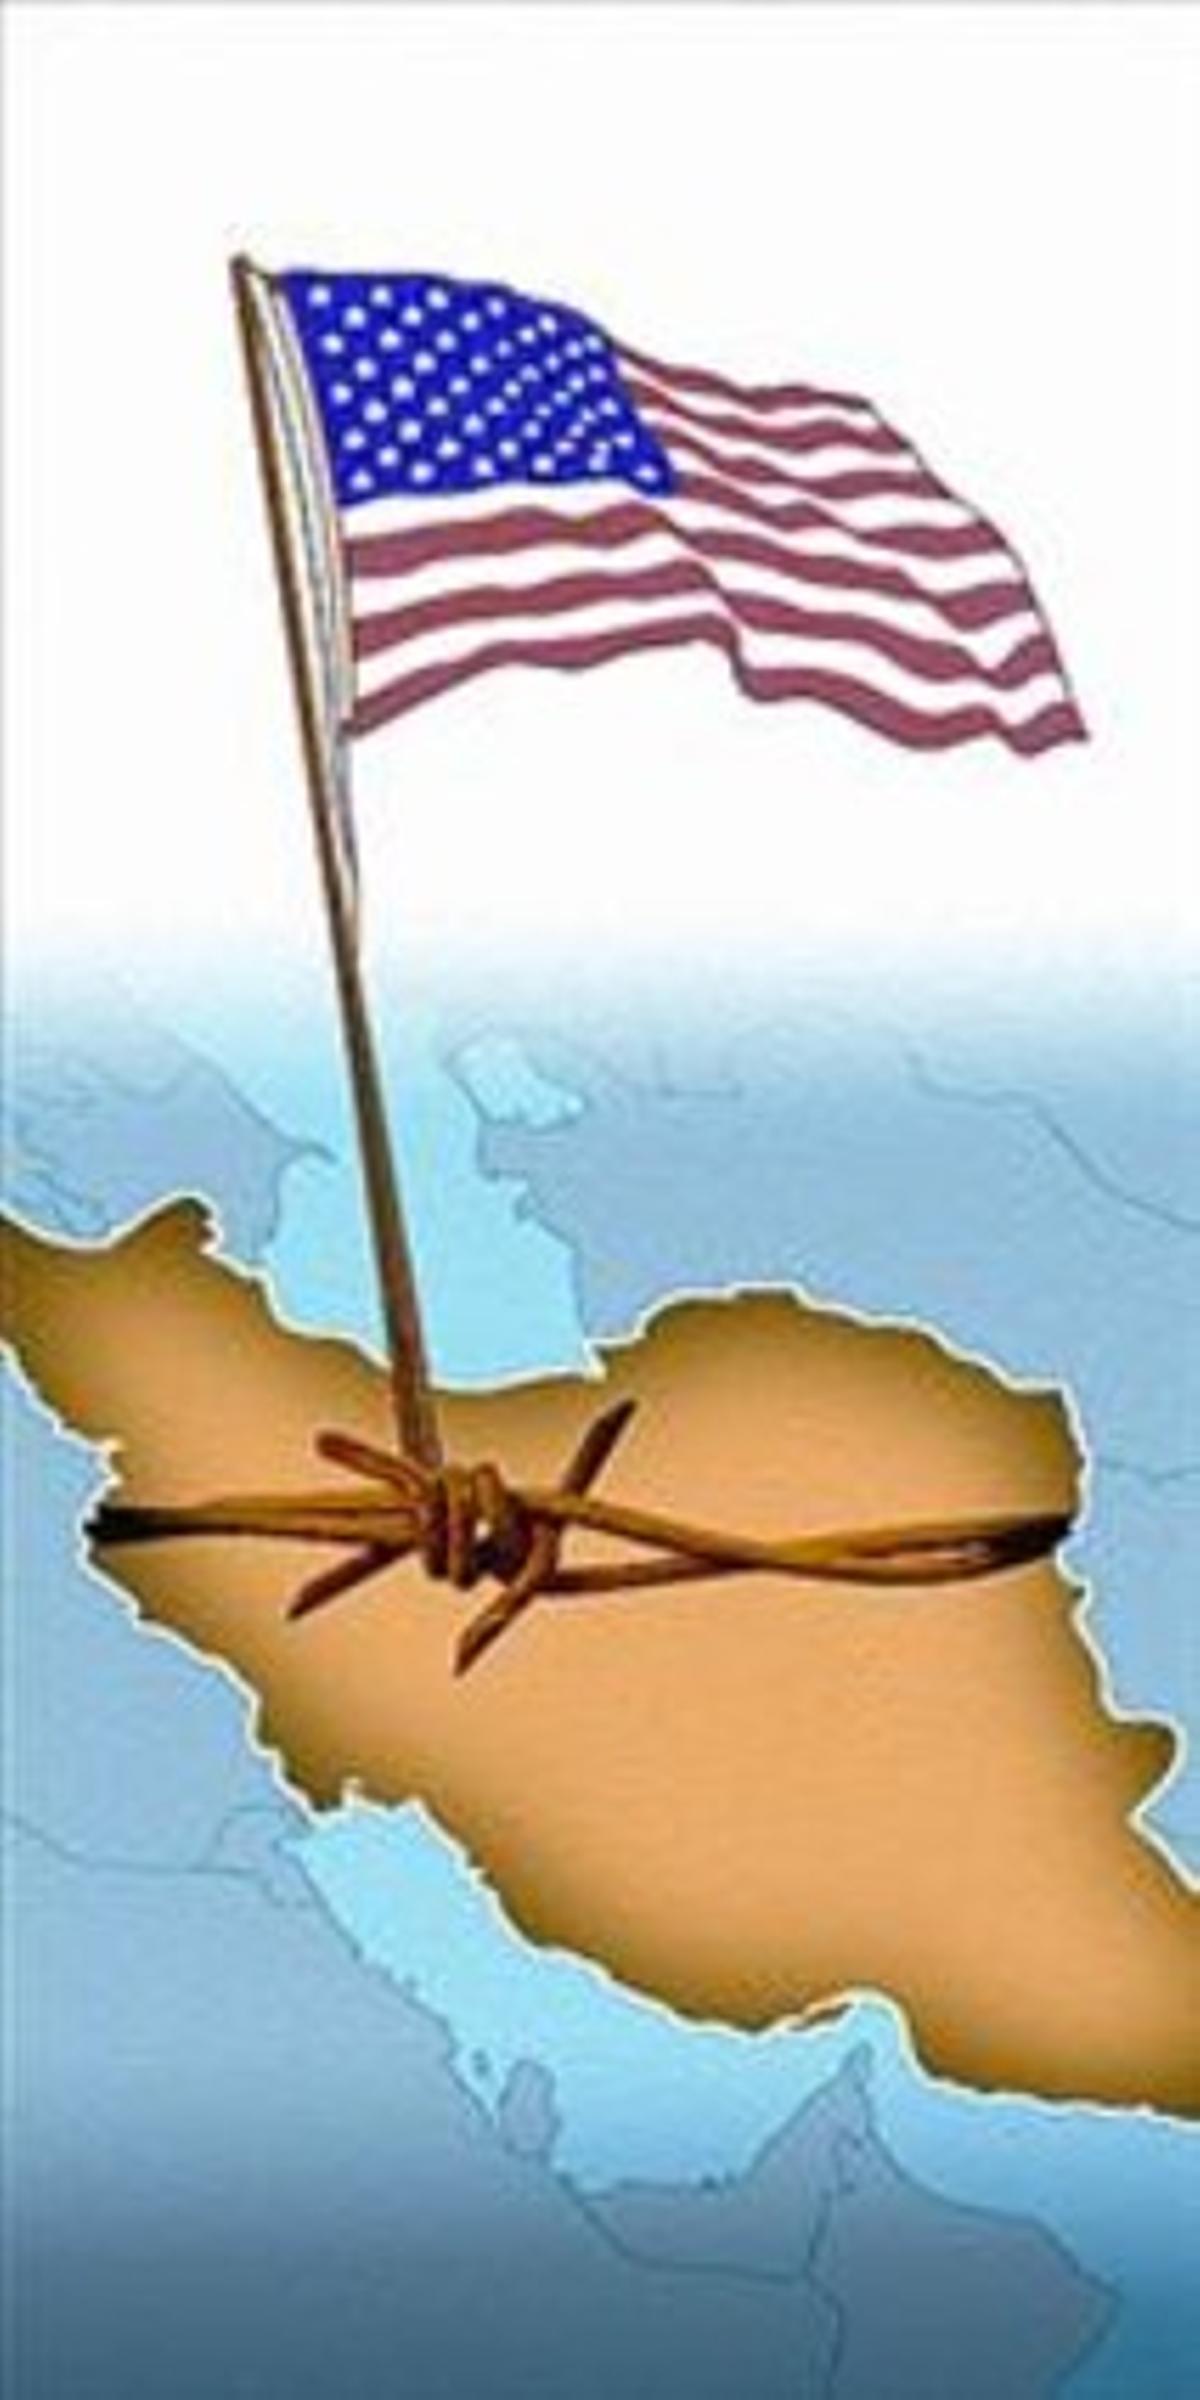 Teherán-Washington, 30 años después